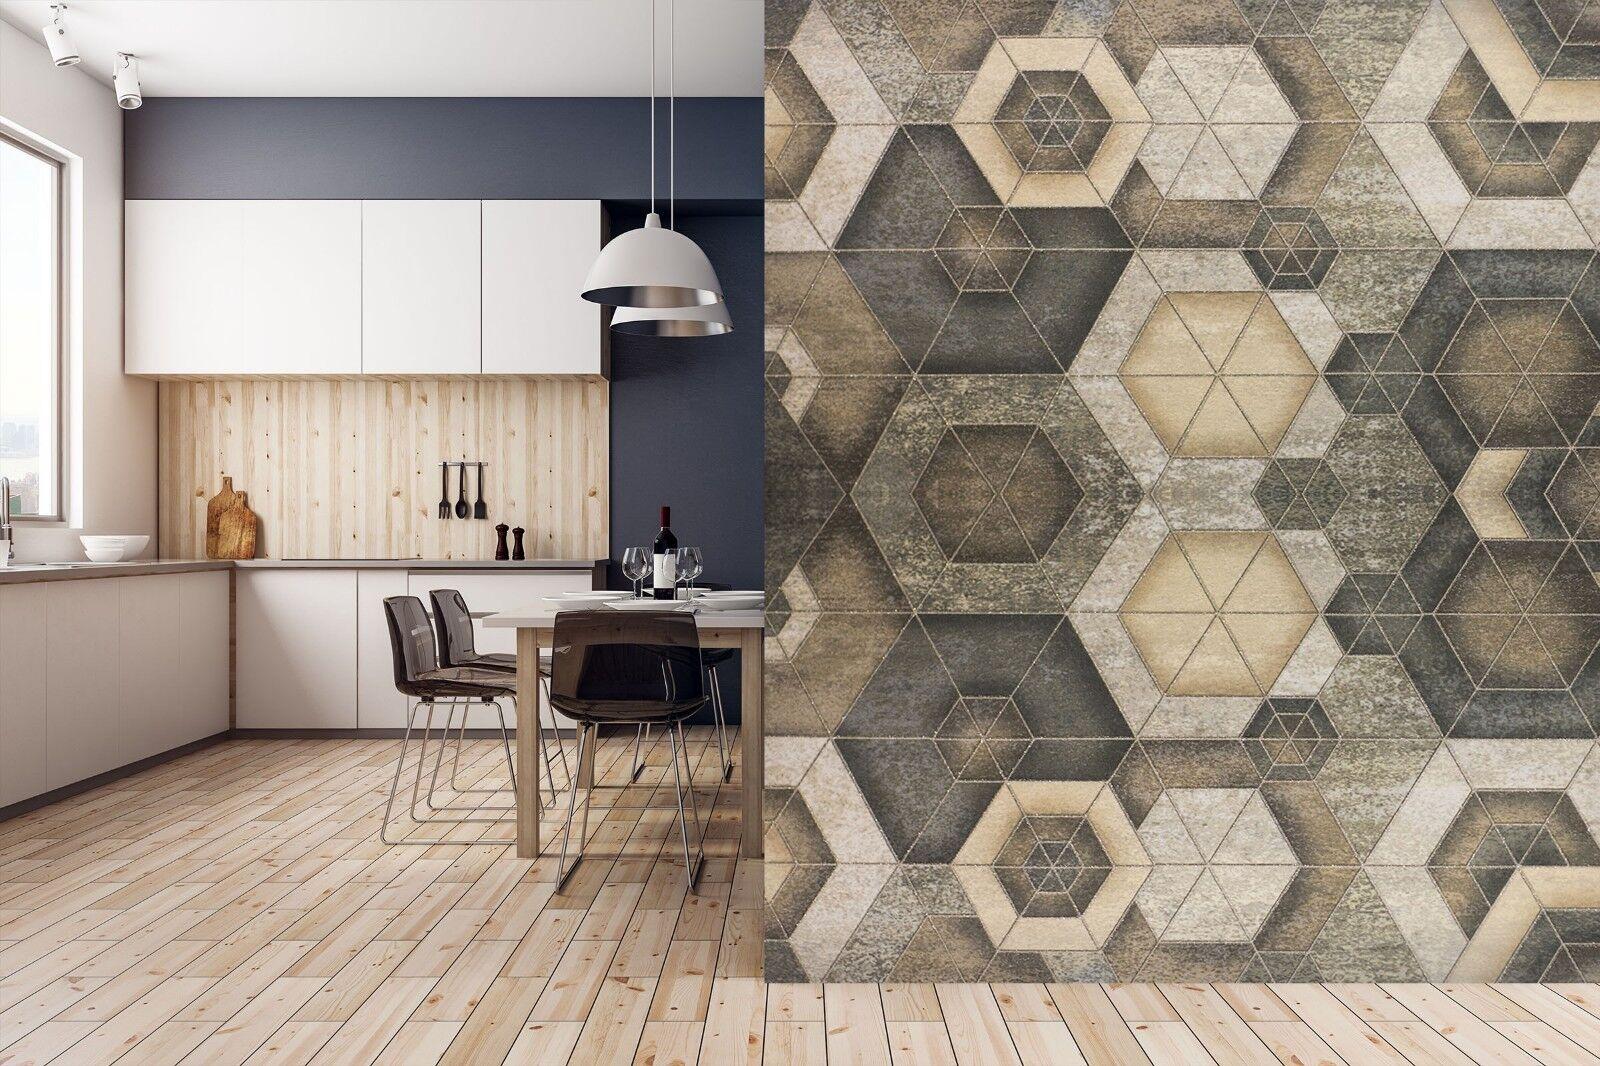 3D Hexagonal Wood 6342 Texture Tiles Marble Wall Paper Decal Wallpaper Mural